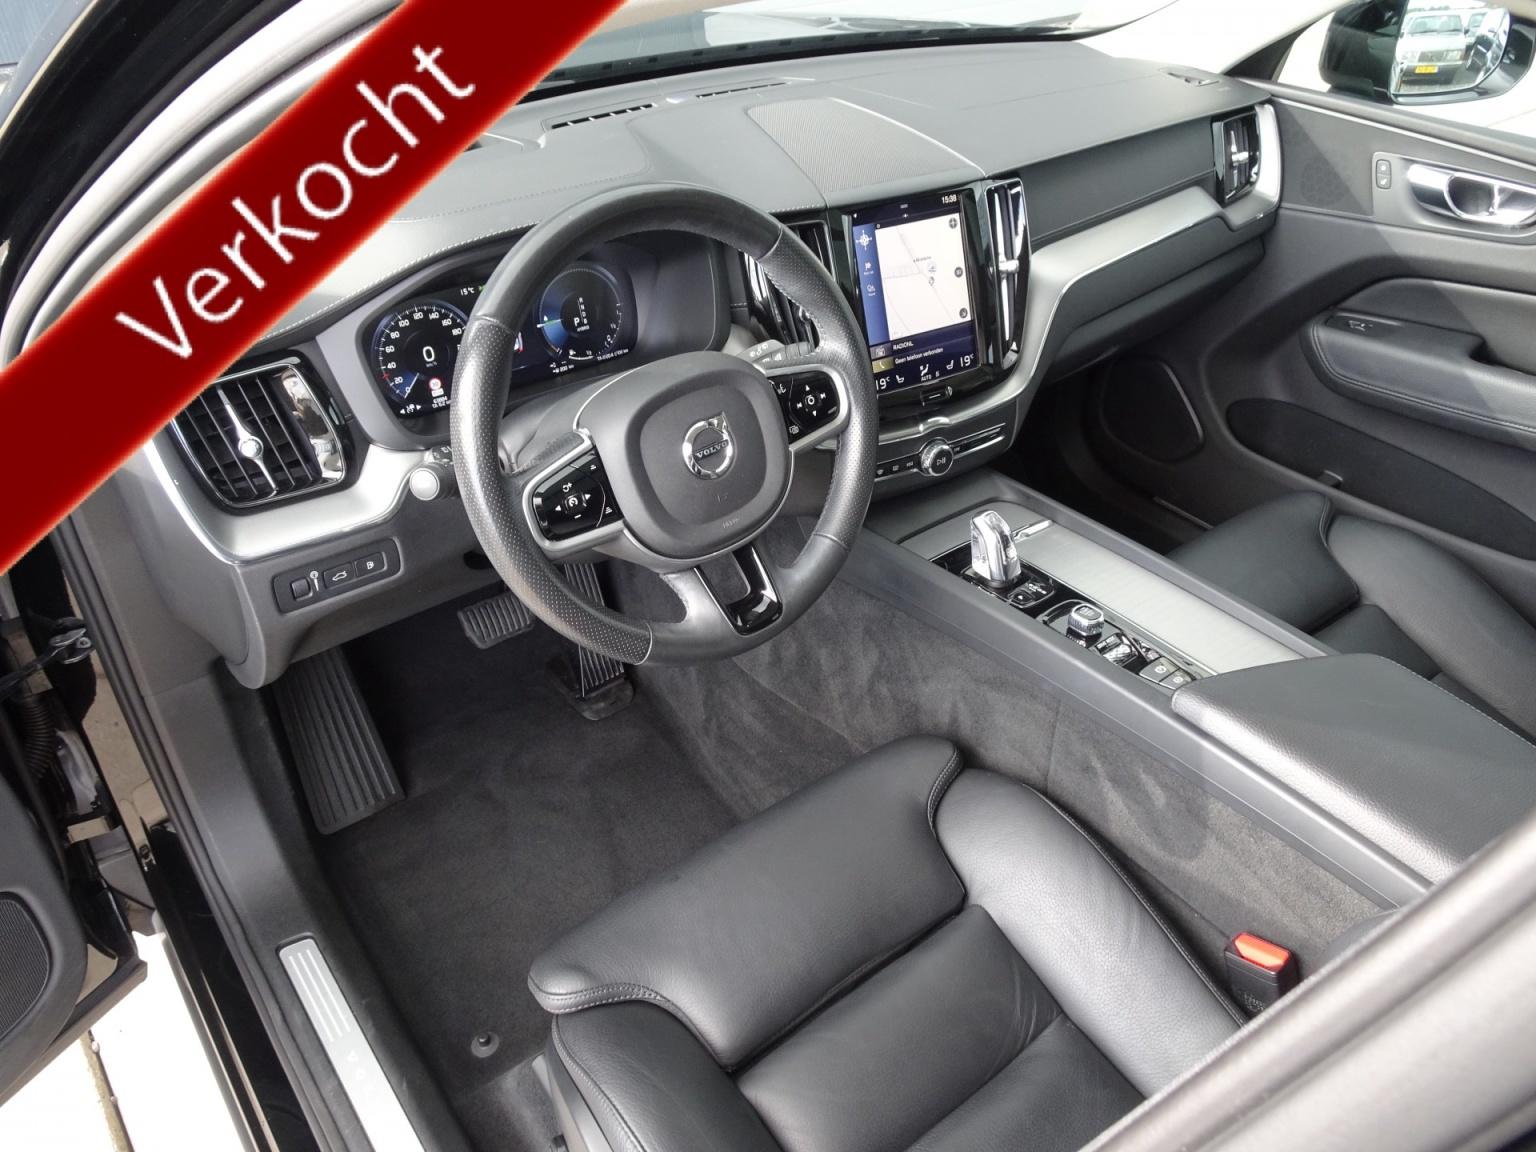 Volvo-XC60-21